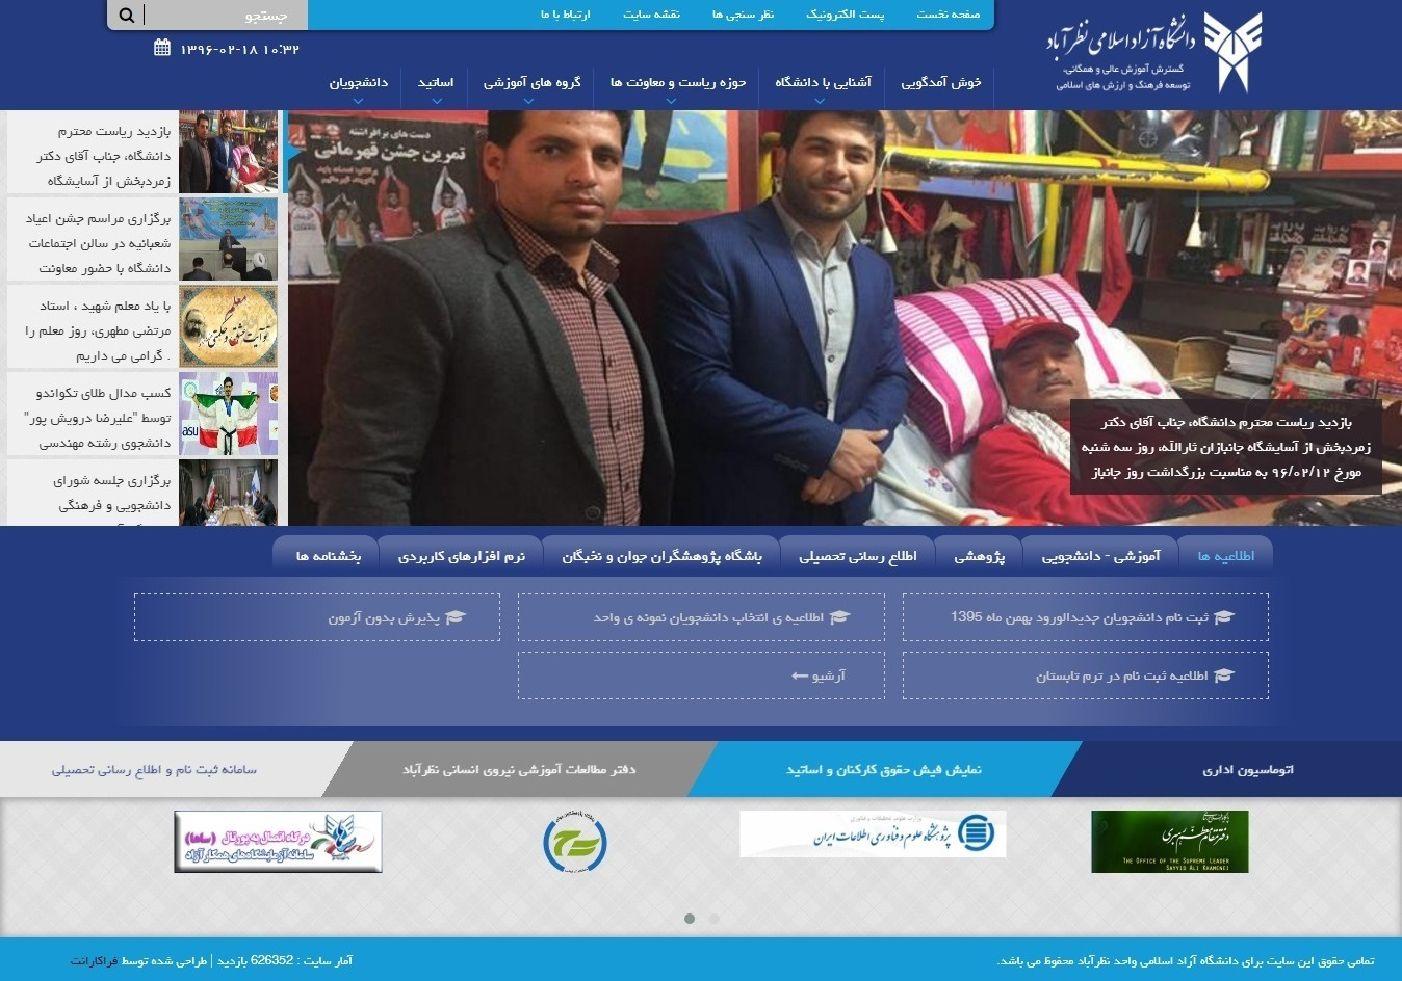 طراحی سایت دانشگاه آزاد اسلامی - واحد نظرآباد